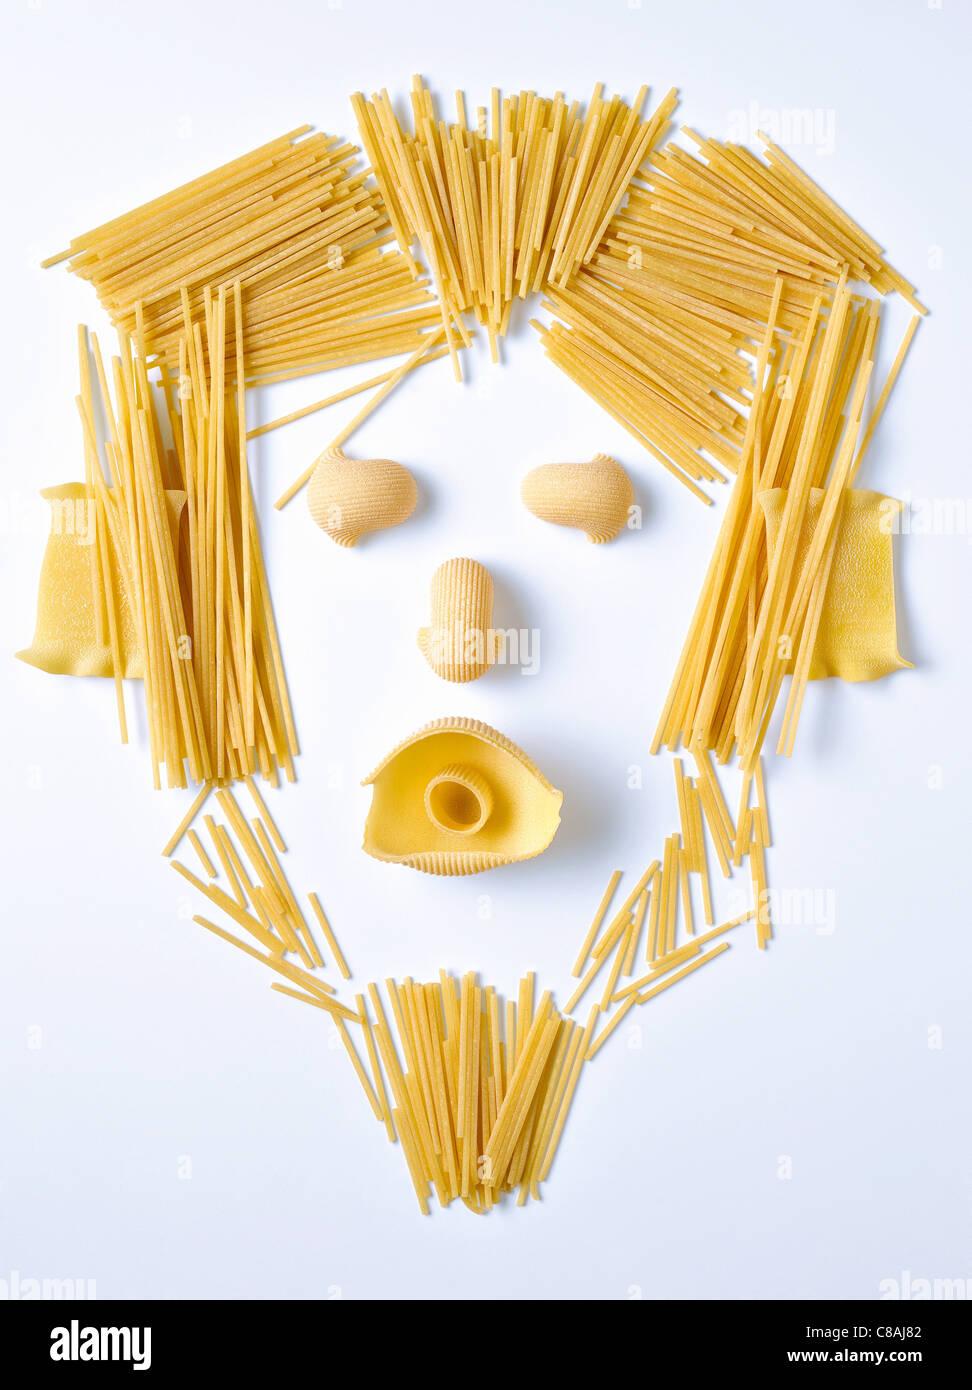 Pasta e spaghetti nella forma di una faccia Immagini Stock